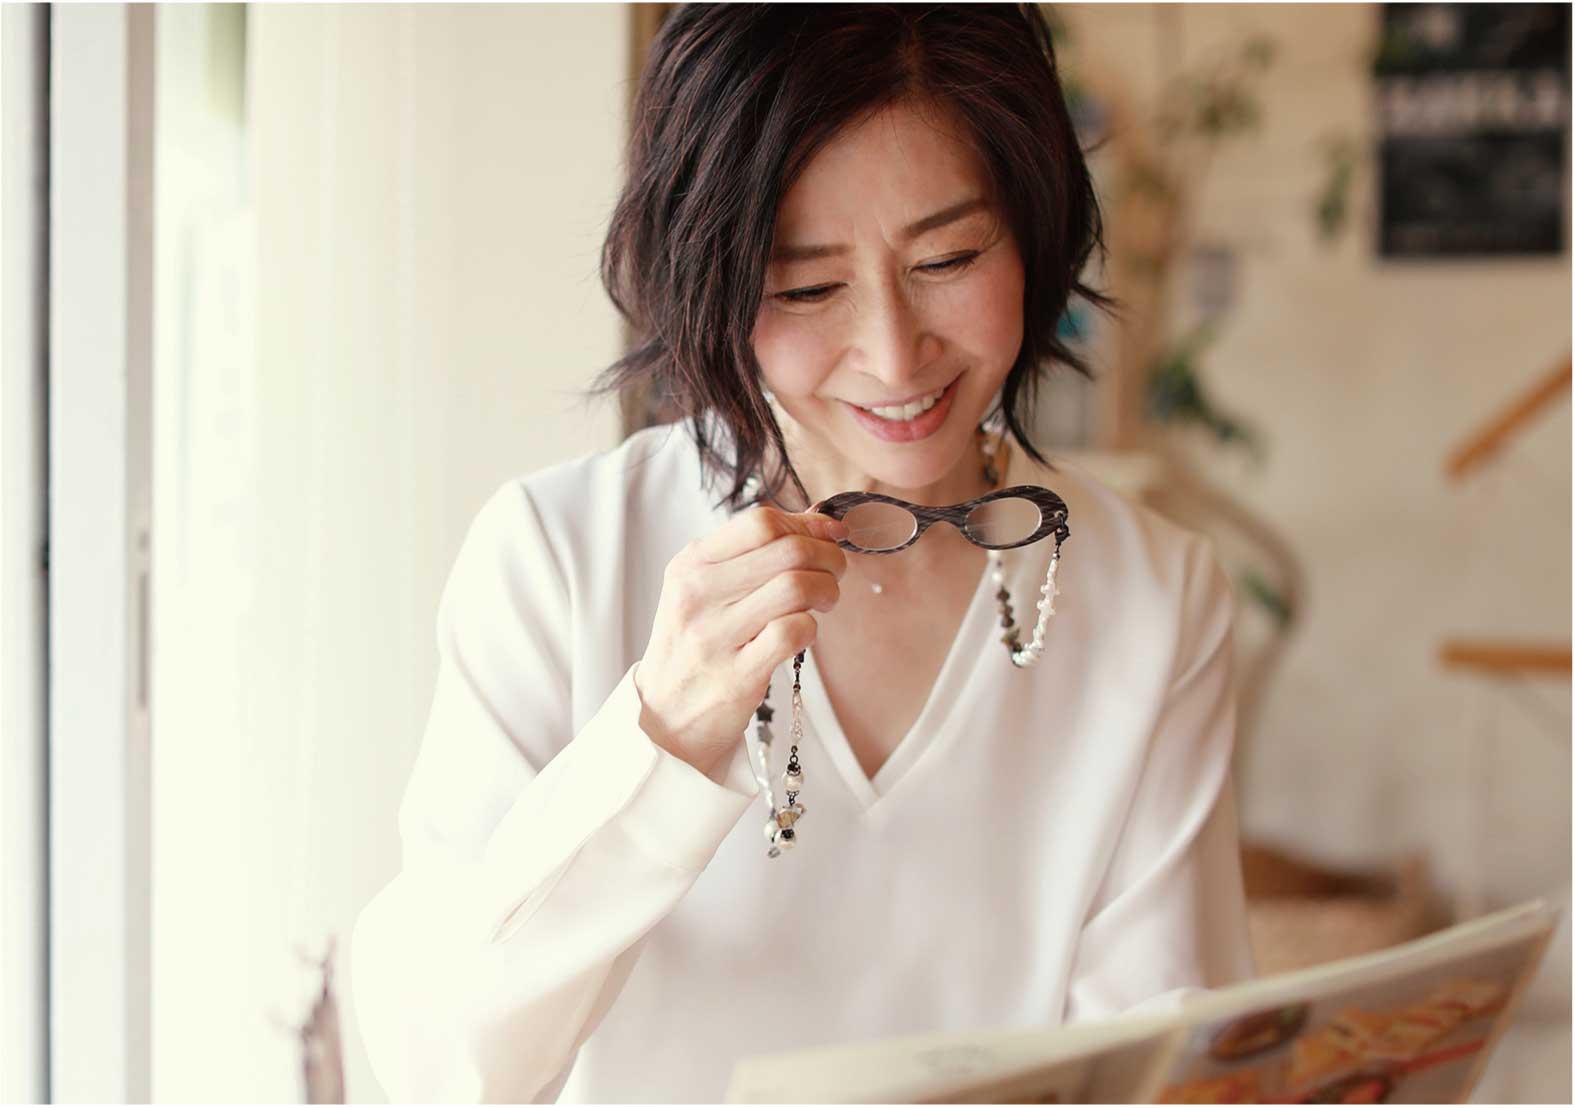 【商品開発】大人女性のためのルーペ「ルーペコリエ」からカスタマイズが楽しめる新ブランド「シュシュ」誕生(2017年9月号)